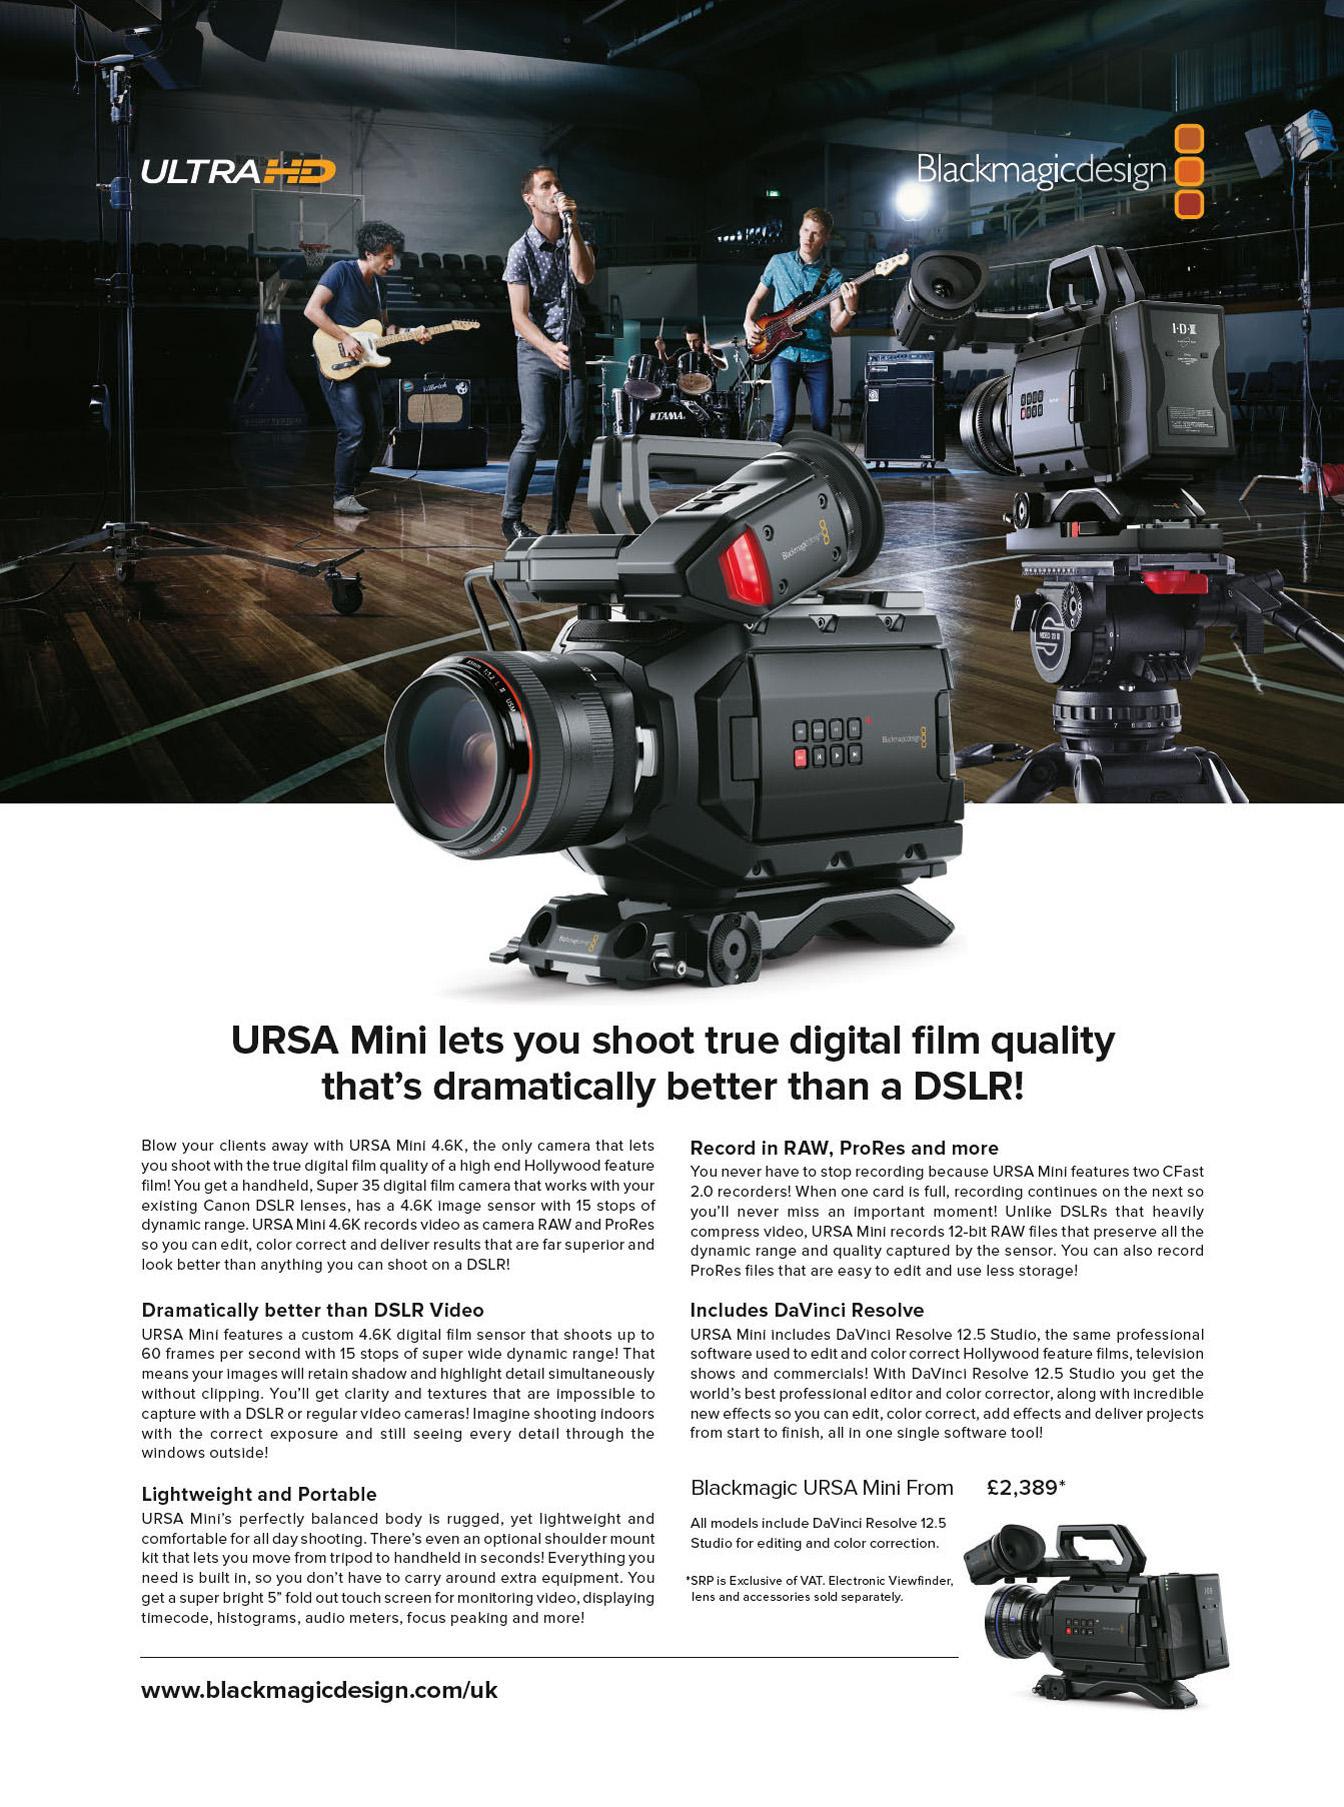 URSA Mini Lets You Shoot True Digital Film Quality That's